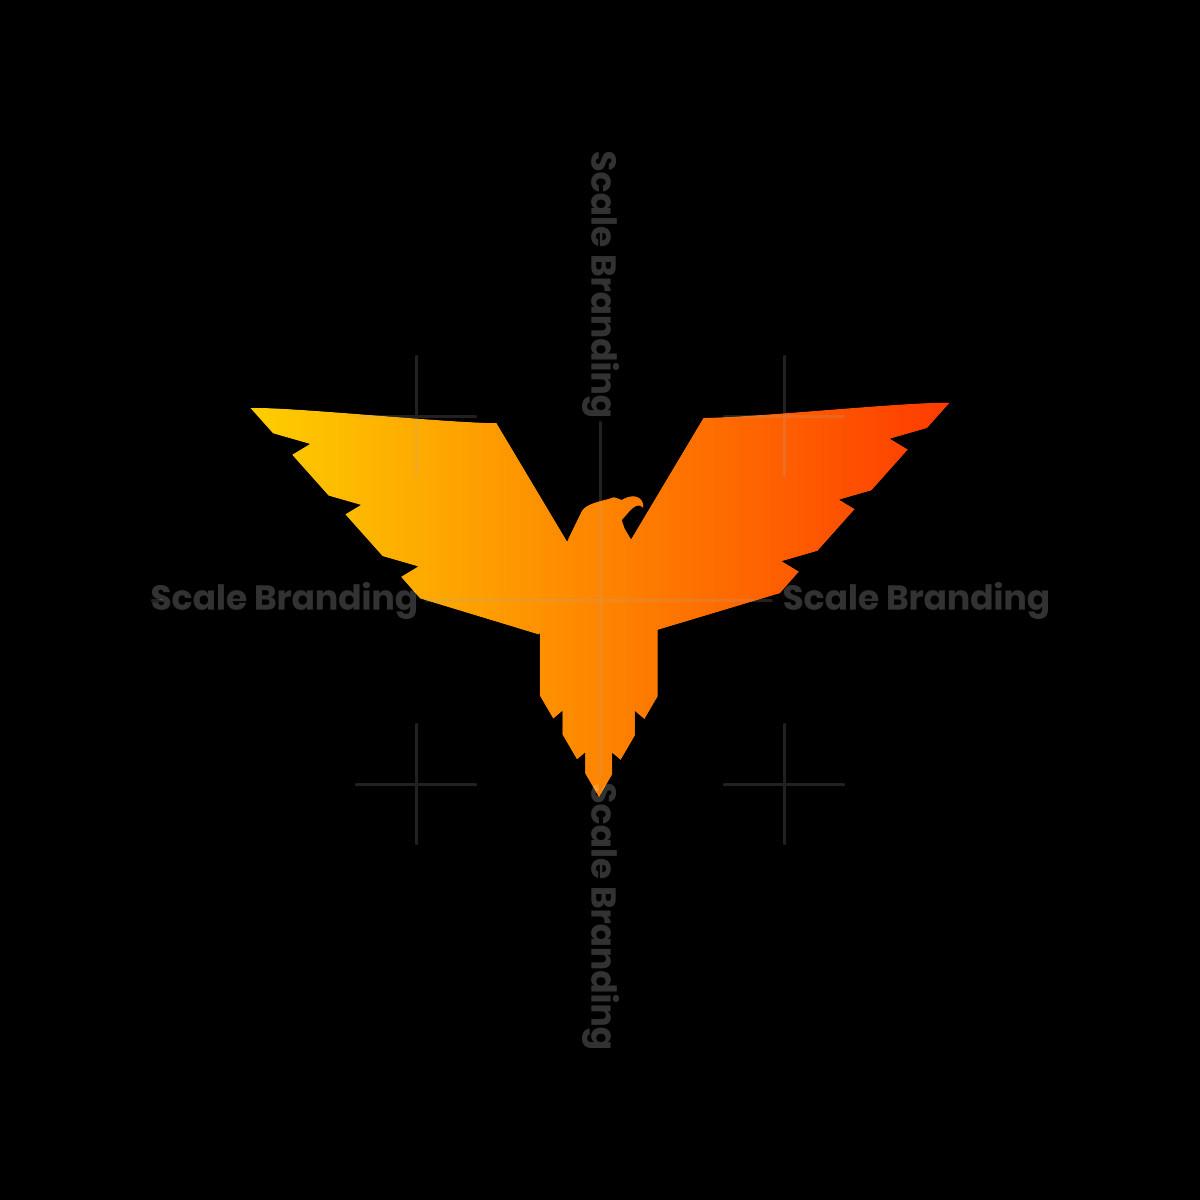 stylish eagle wing symbol logo